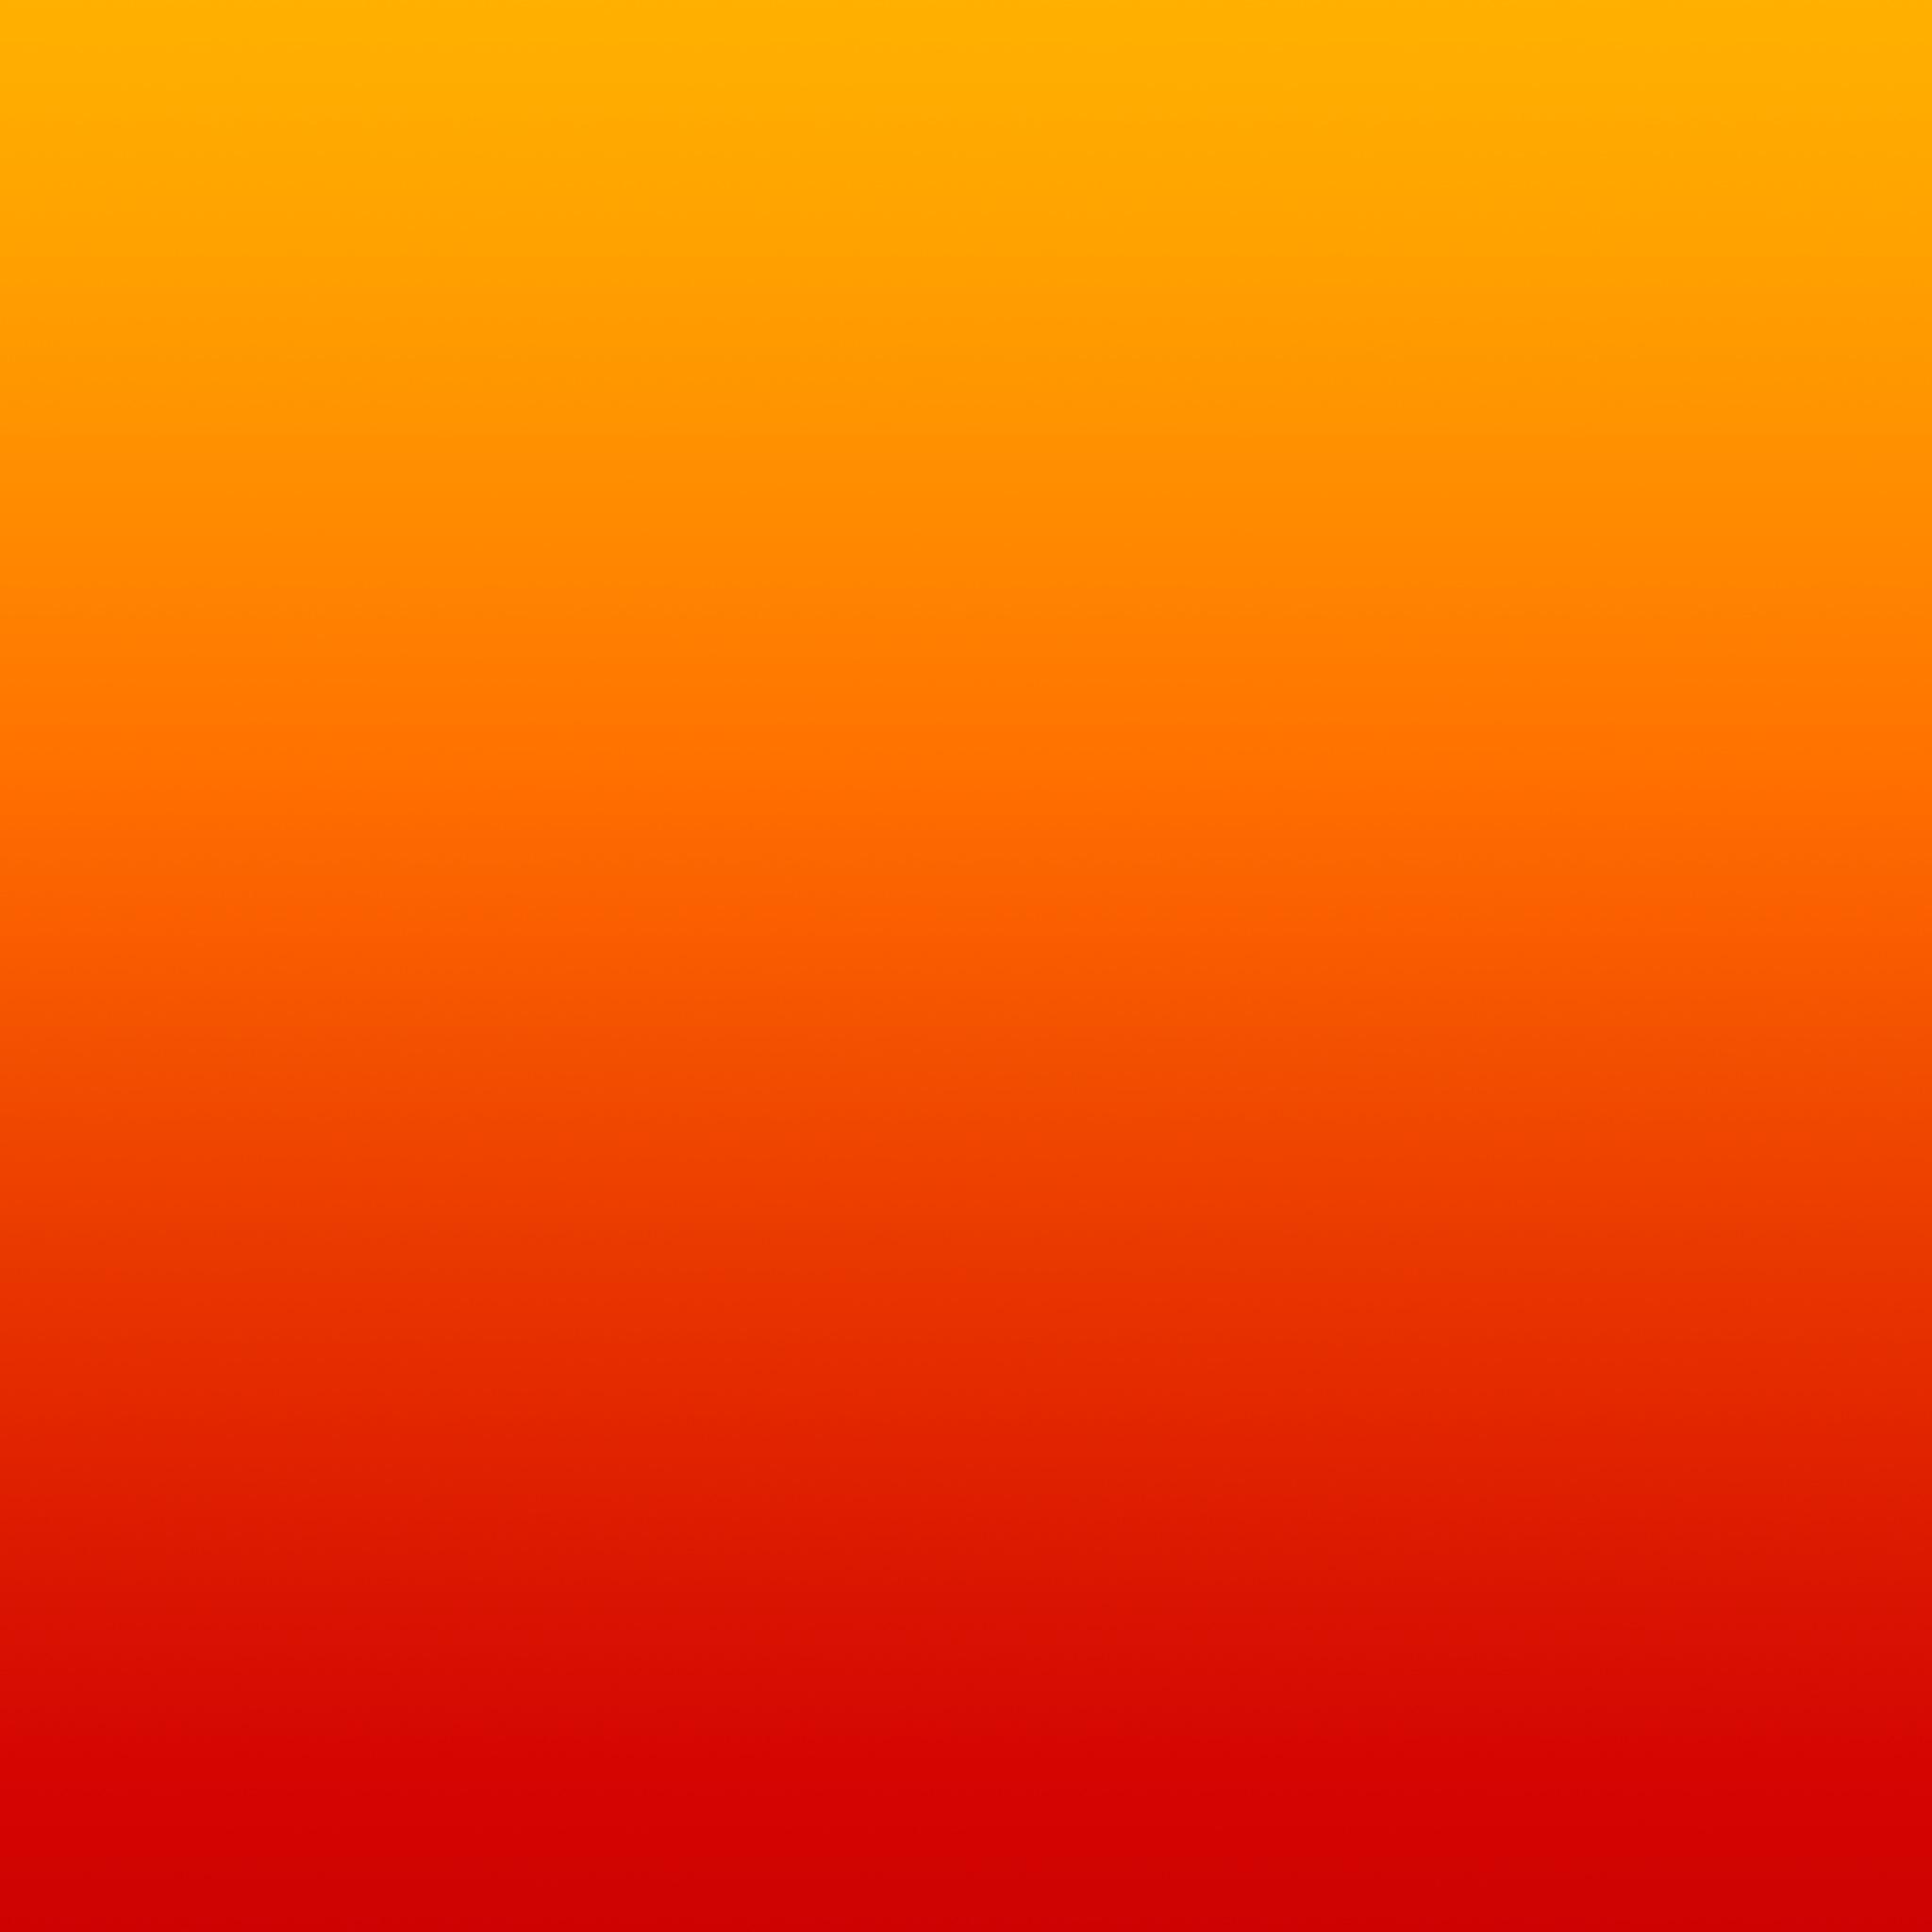 Orange Wallpaper 10   2048 X 2048 stmednet 2048x2048